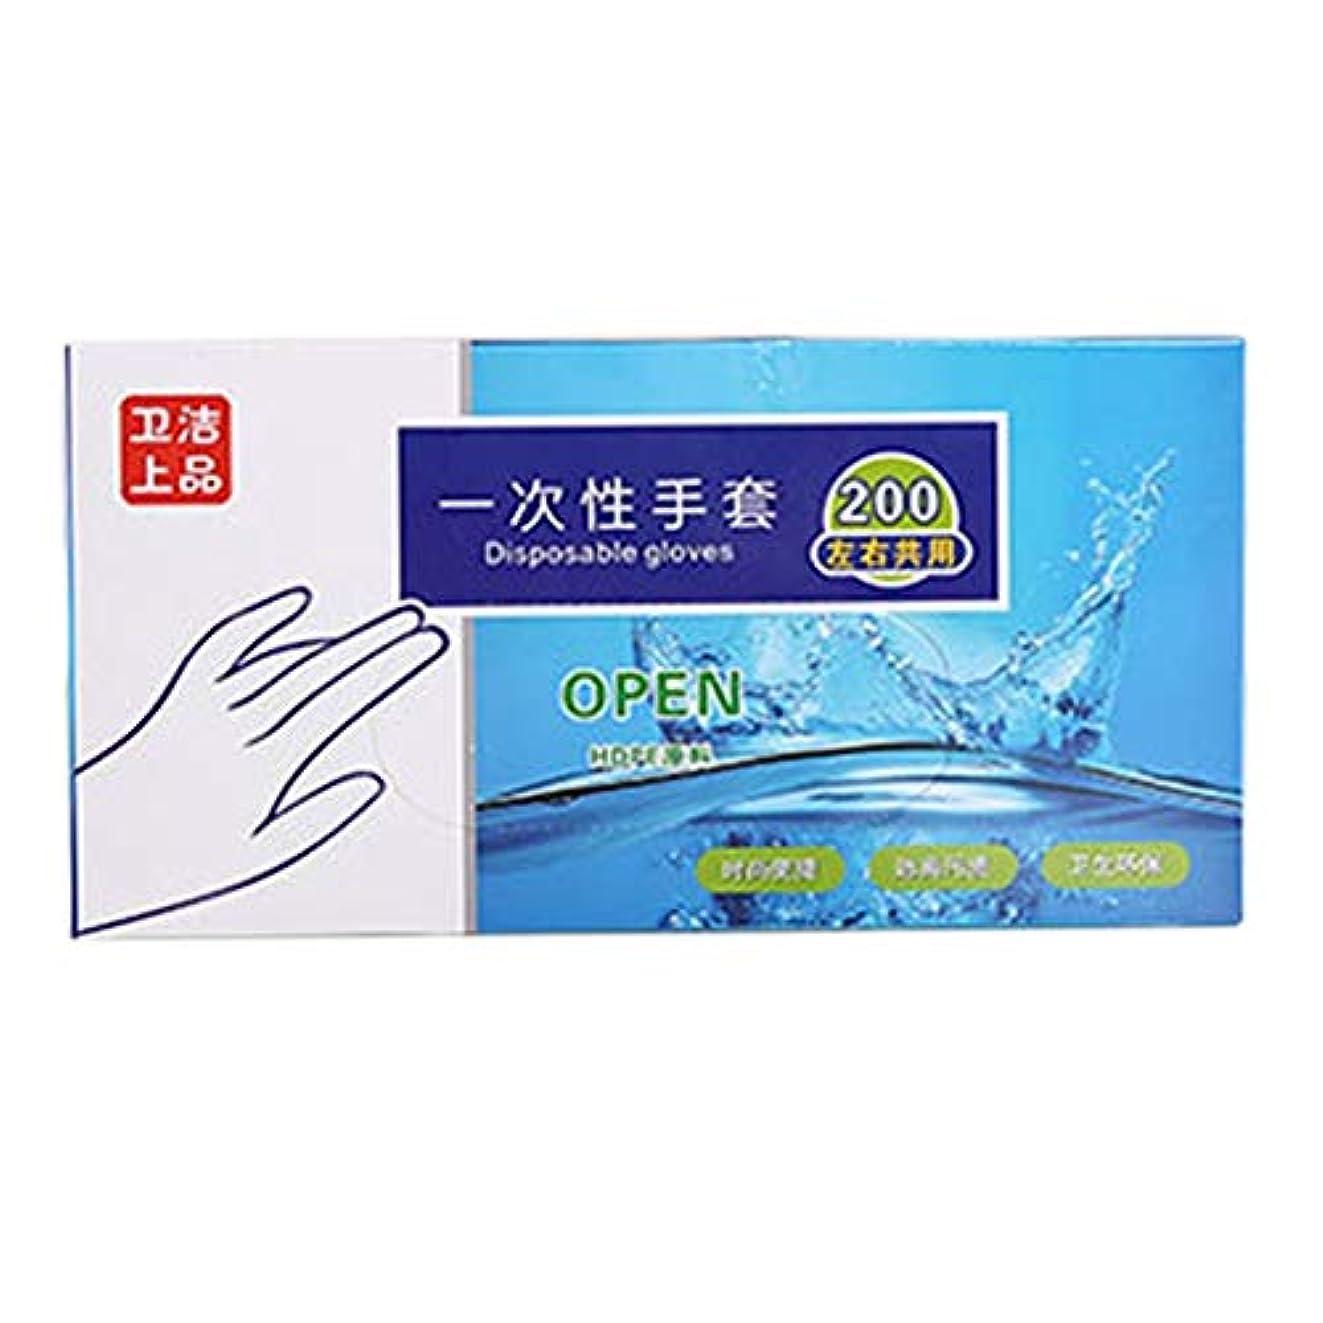 郵便番号重力プロジェクターMoresave 200枚 使い捨て手袋 使いきり手袋 キッチン 掃除用具 防水防油 透明 厚手